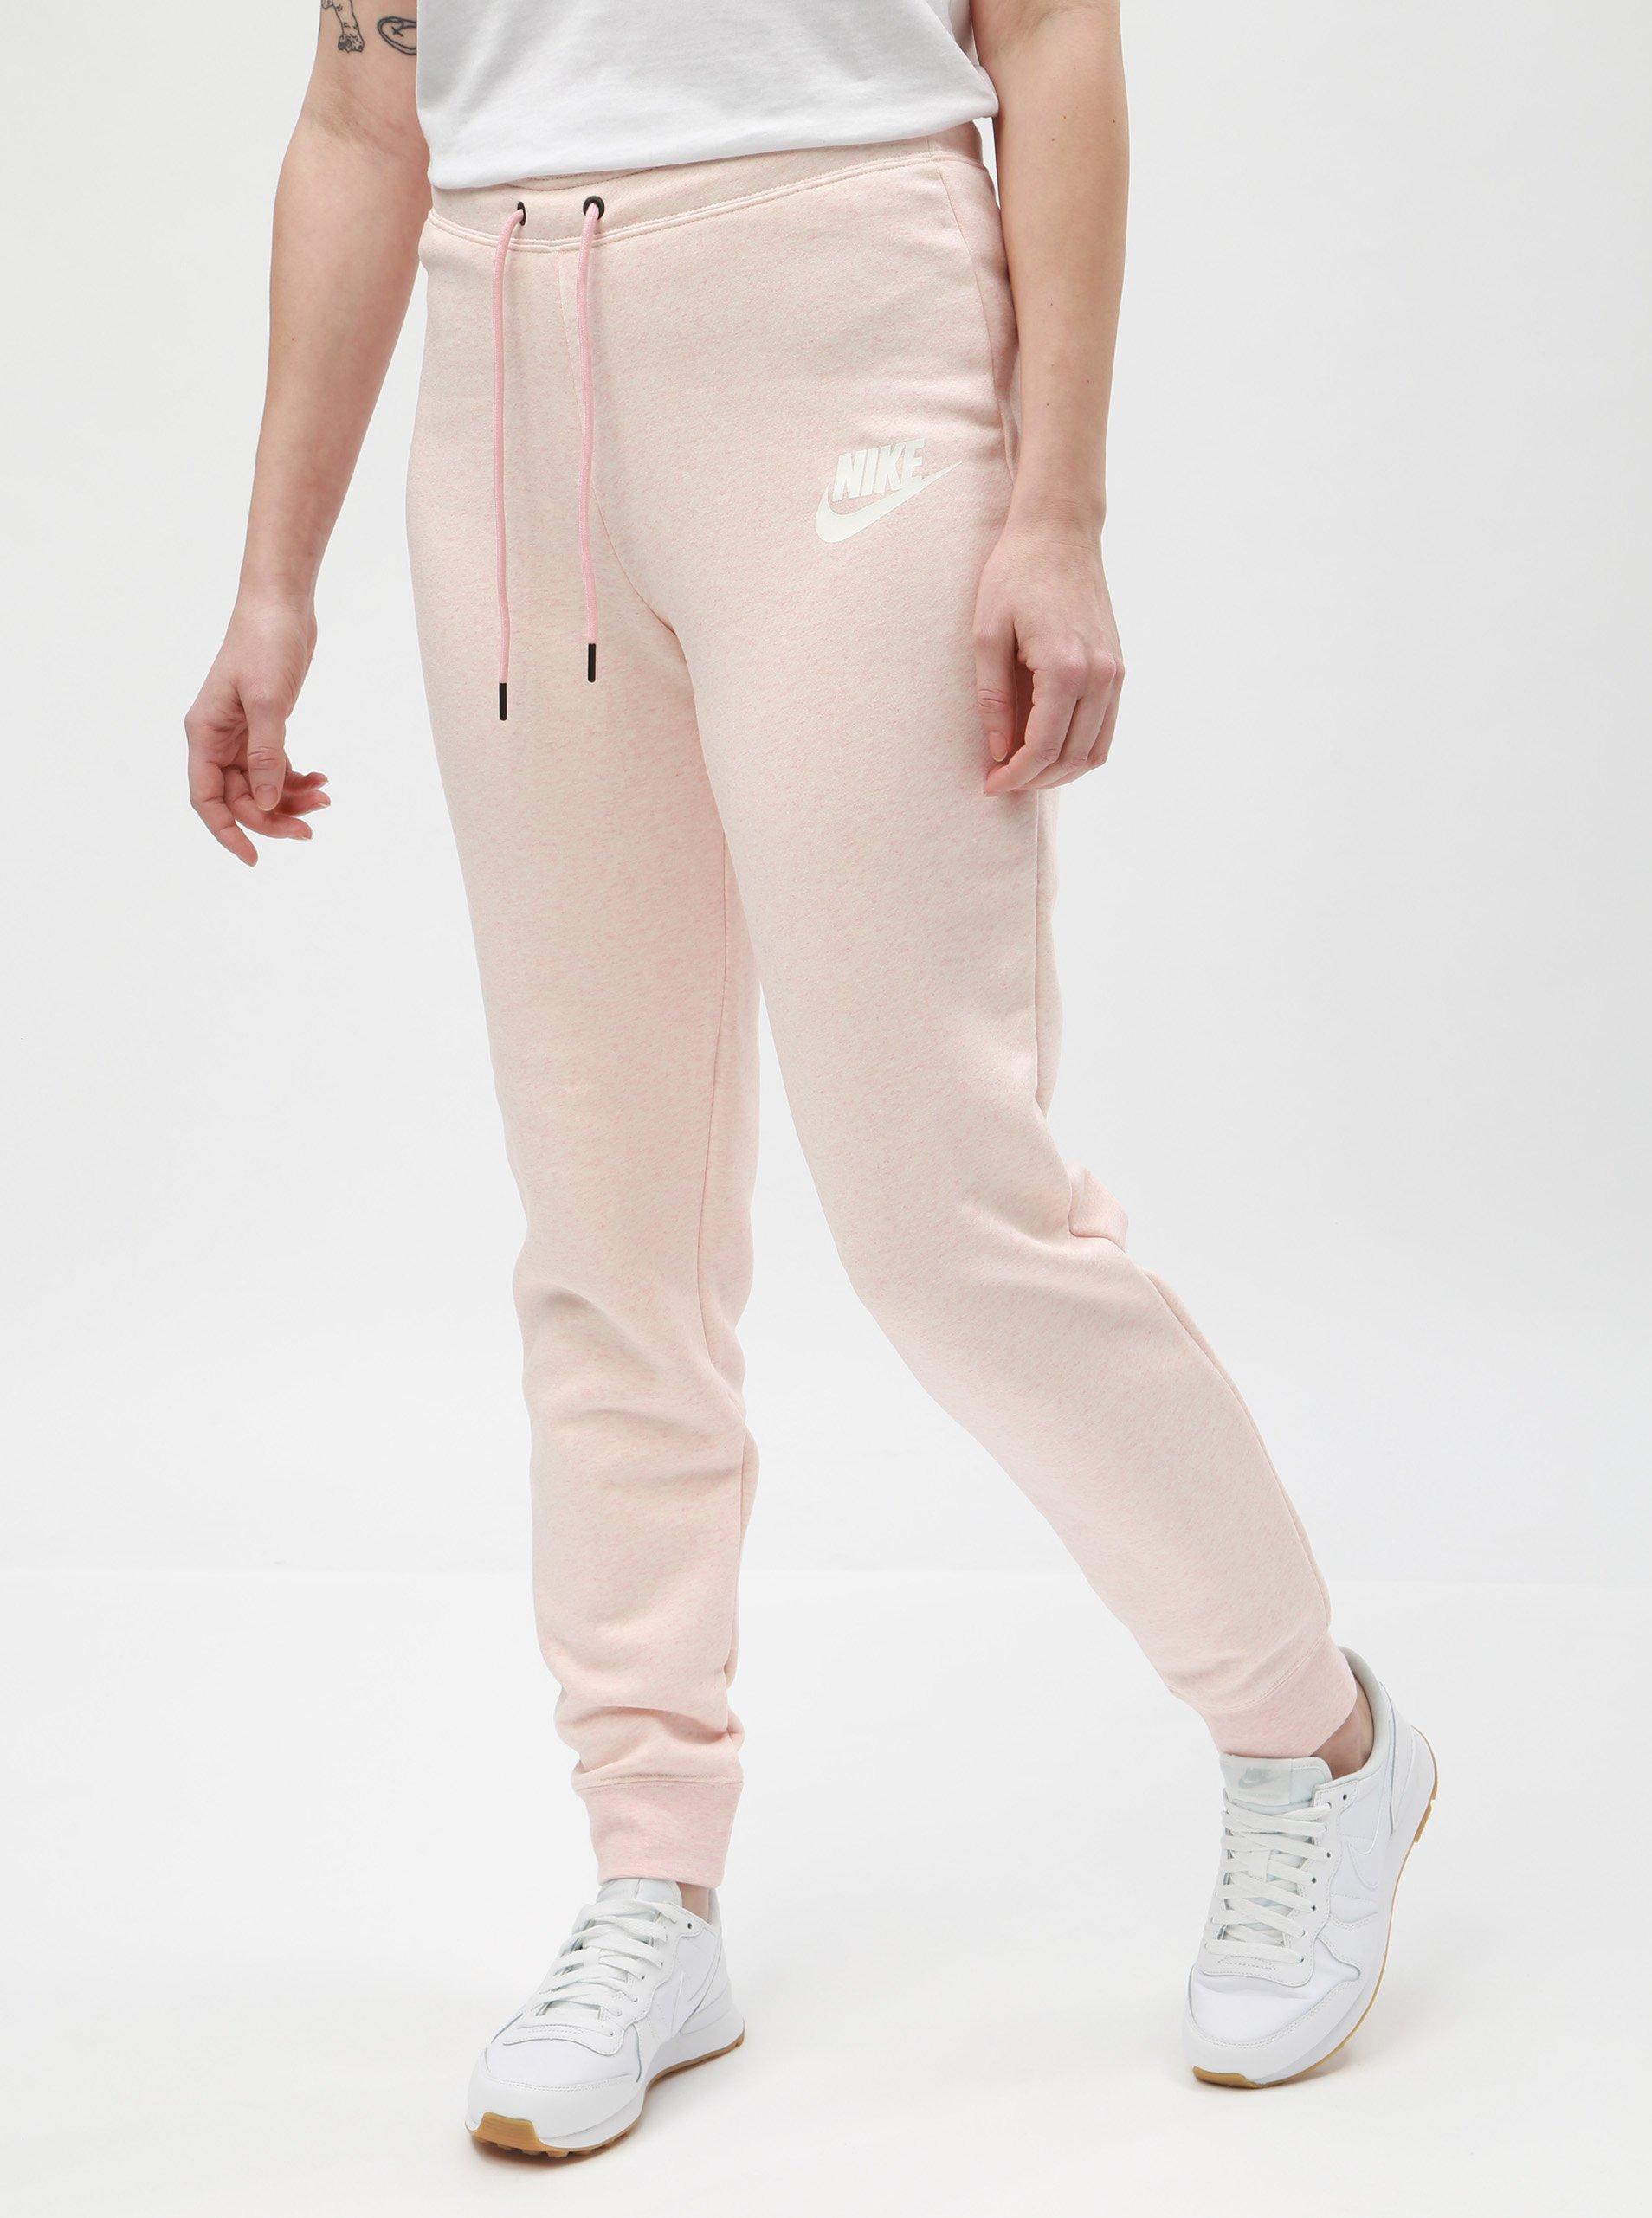 3ac1649745da Světle růžové dámské žíhané tepláky Nike